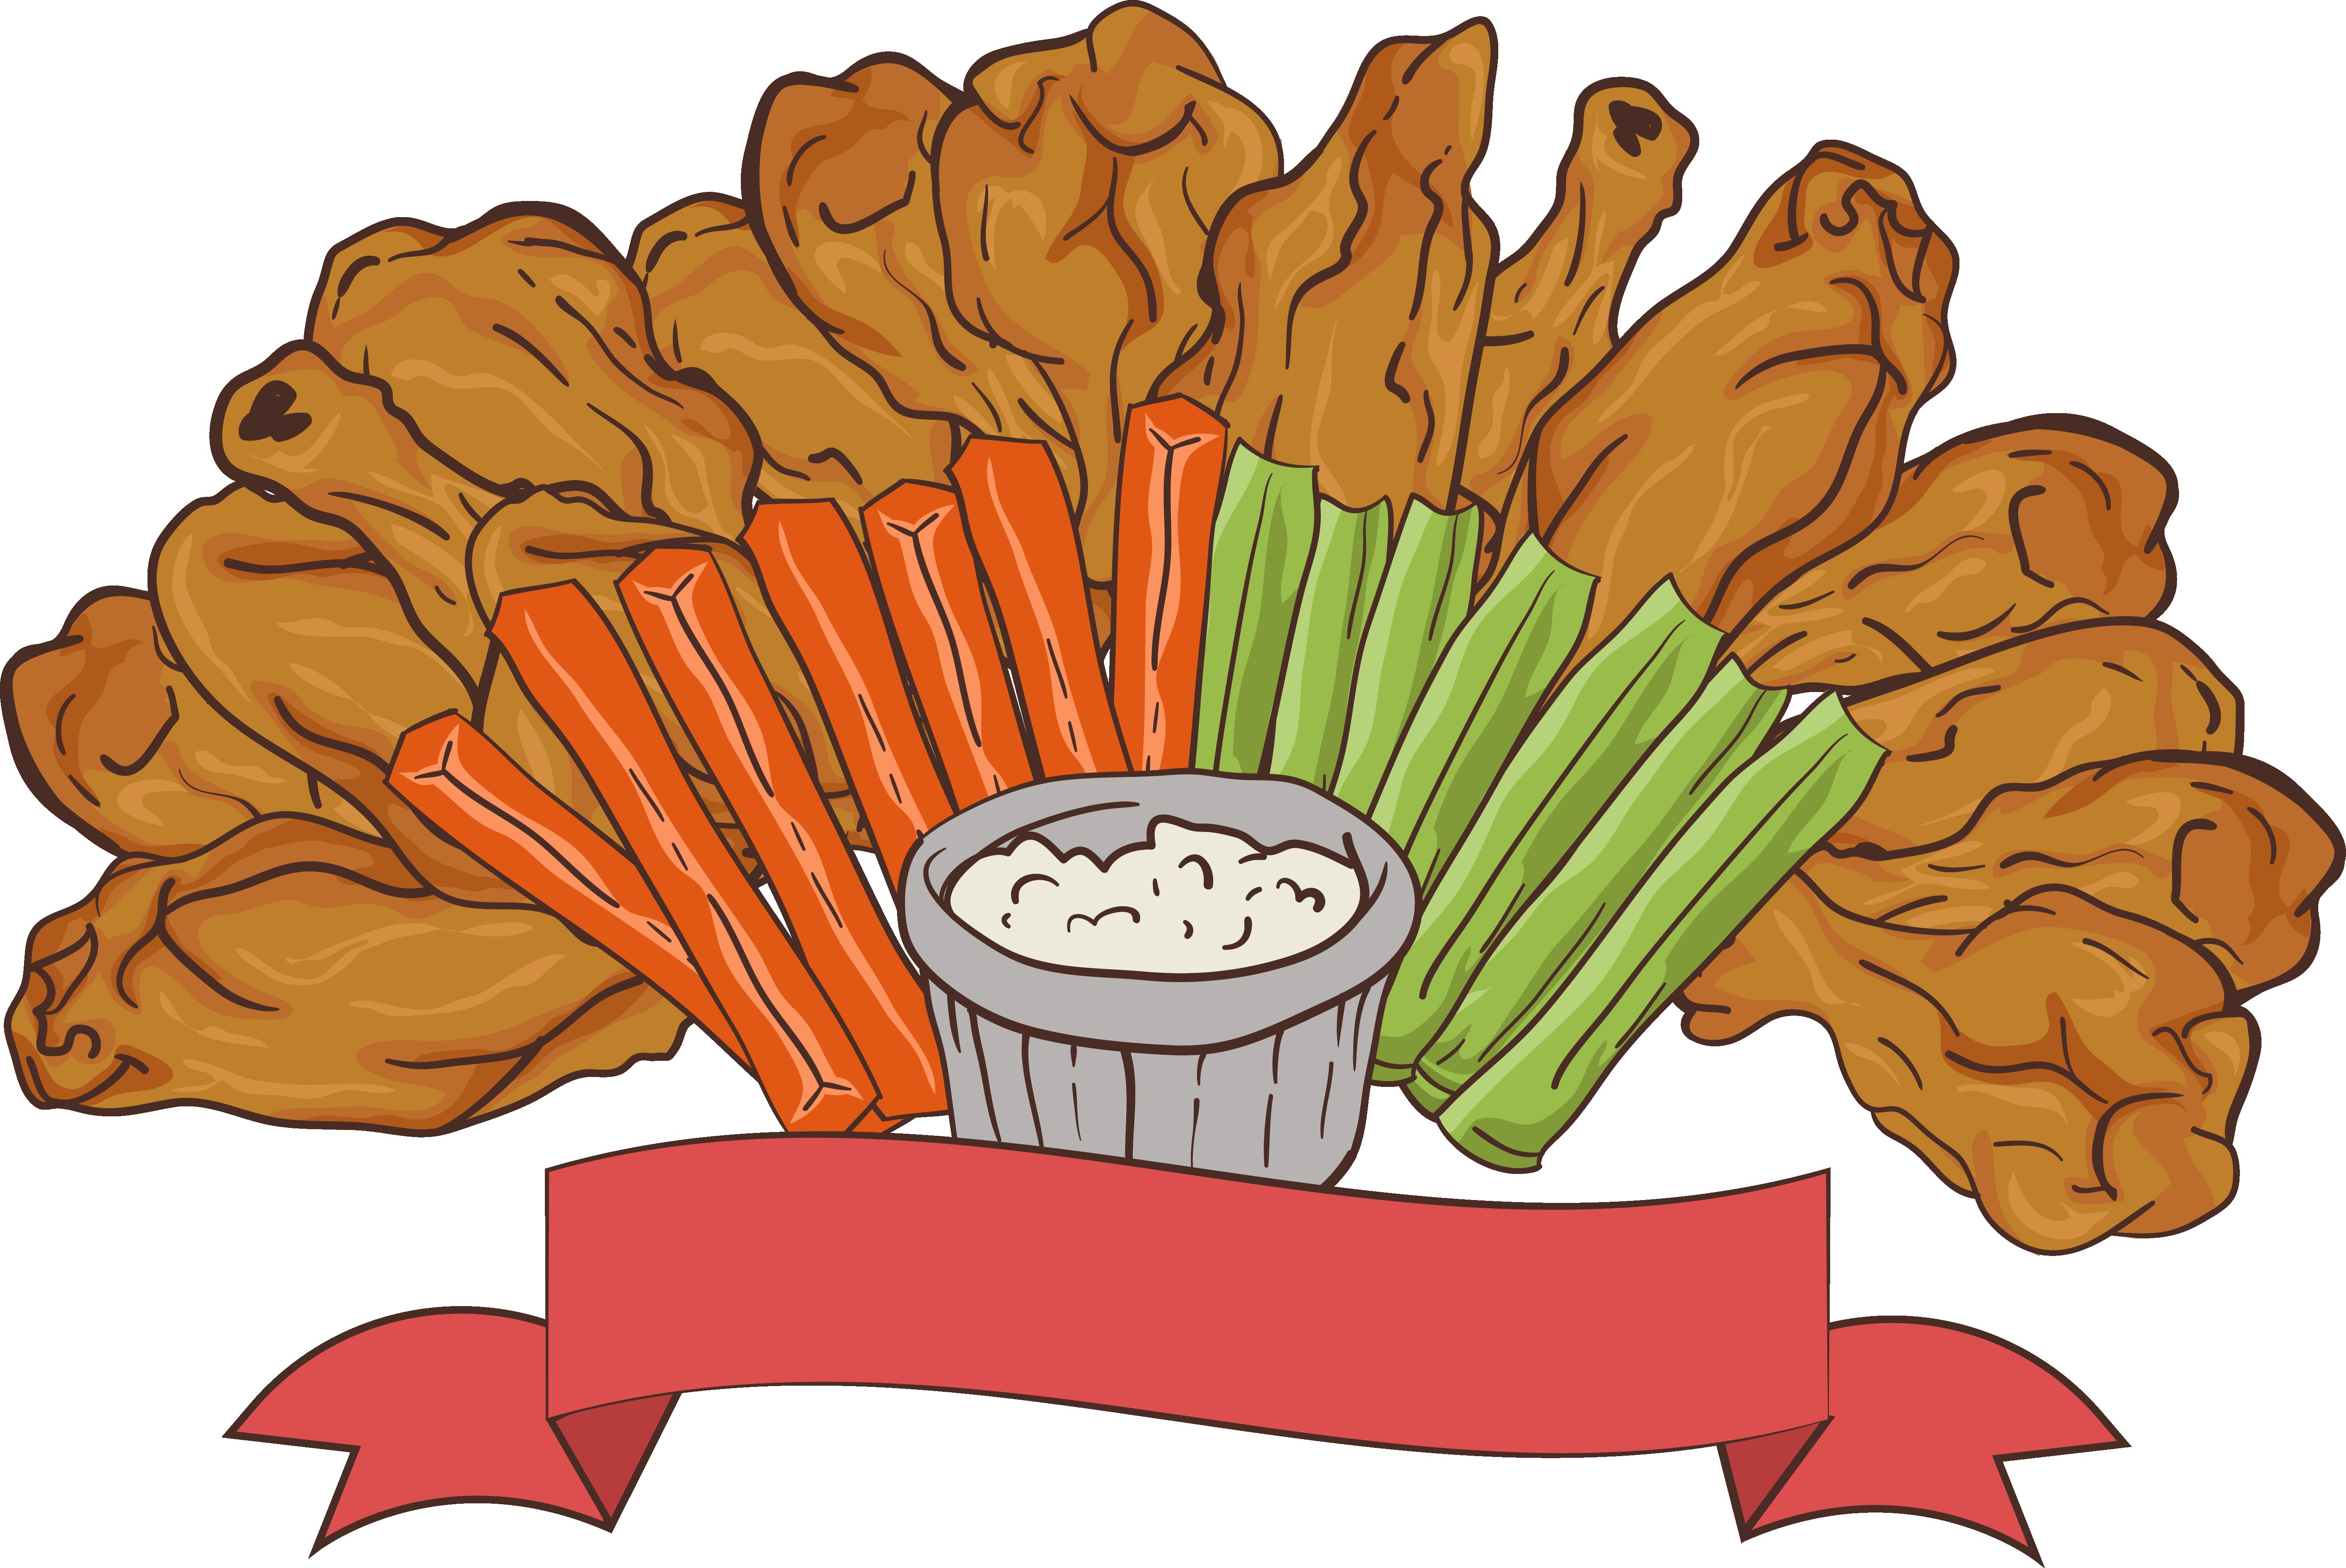 Korean fried chicken buffalo. Fries clipart appetizer